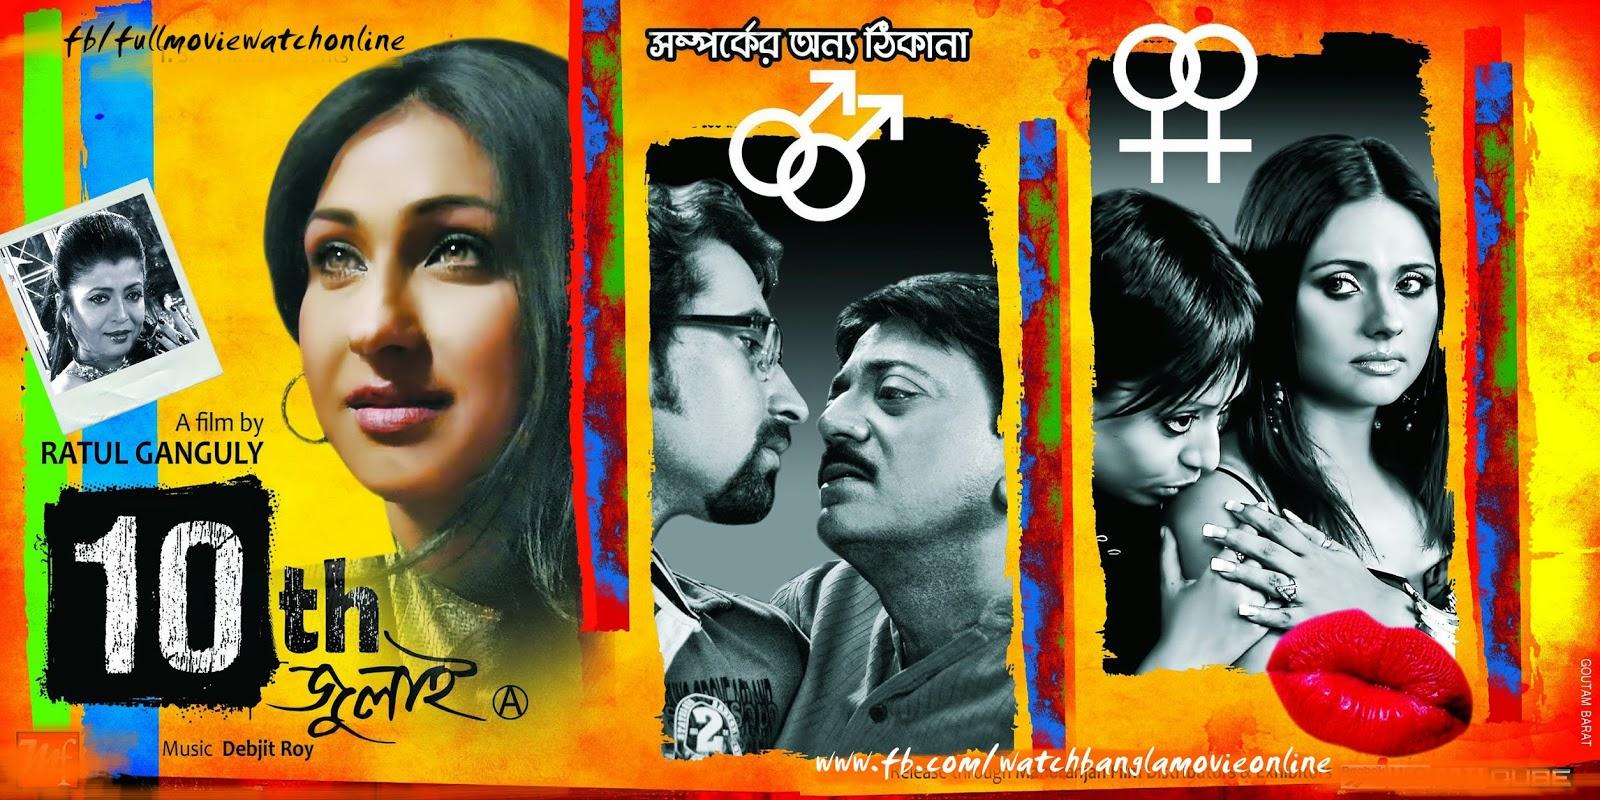 Indian sex movie watch online 13